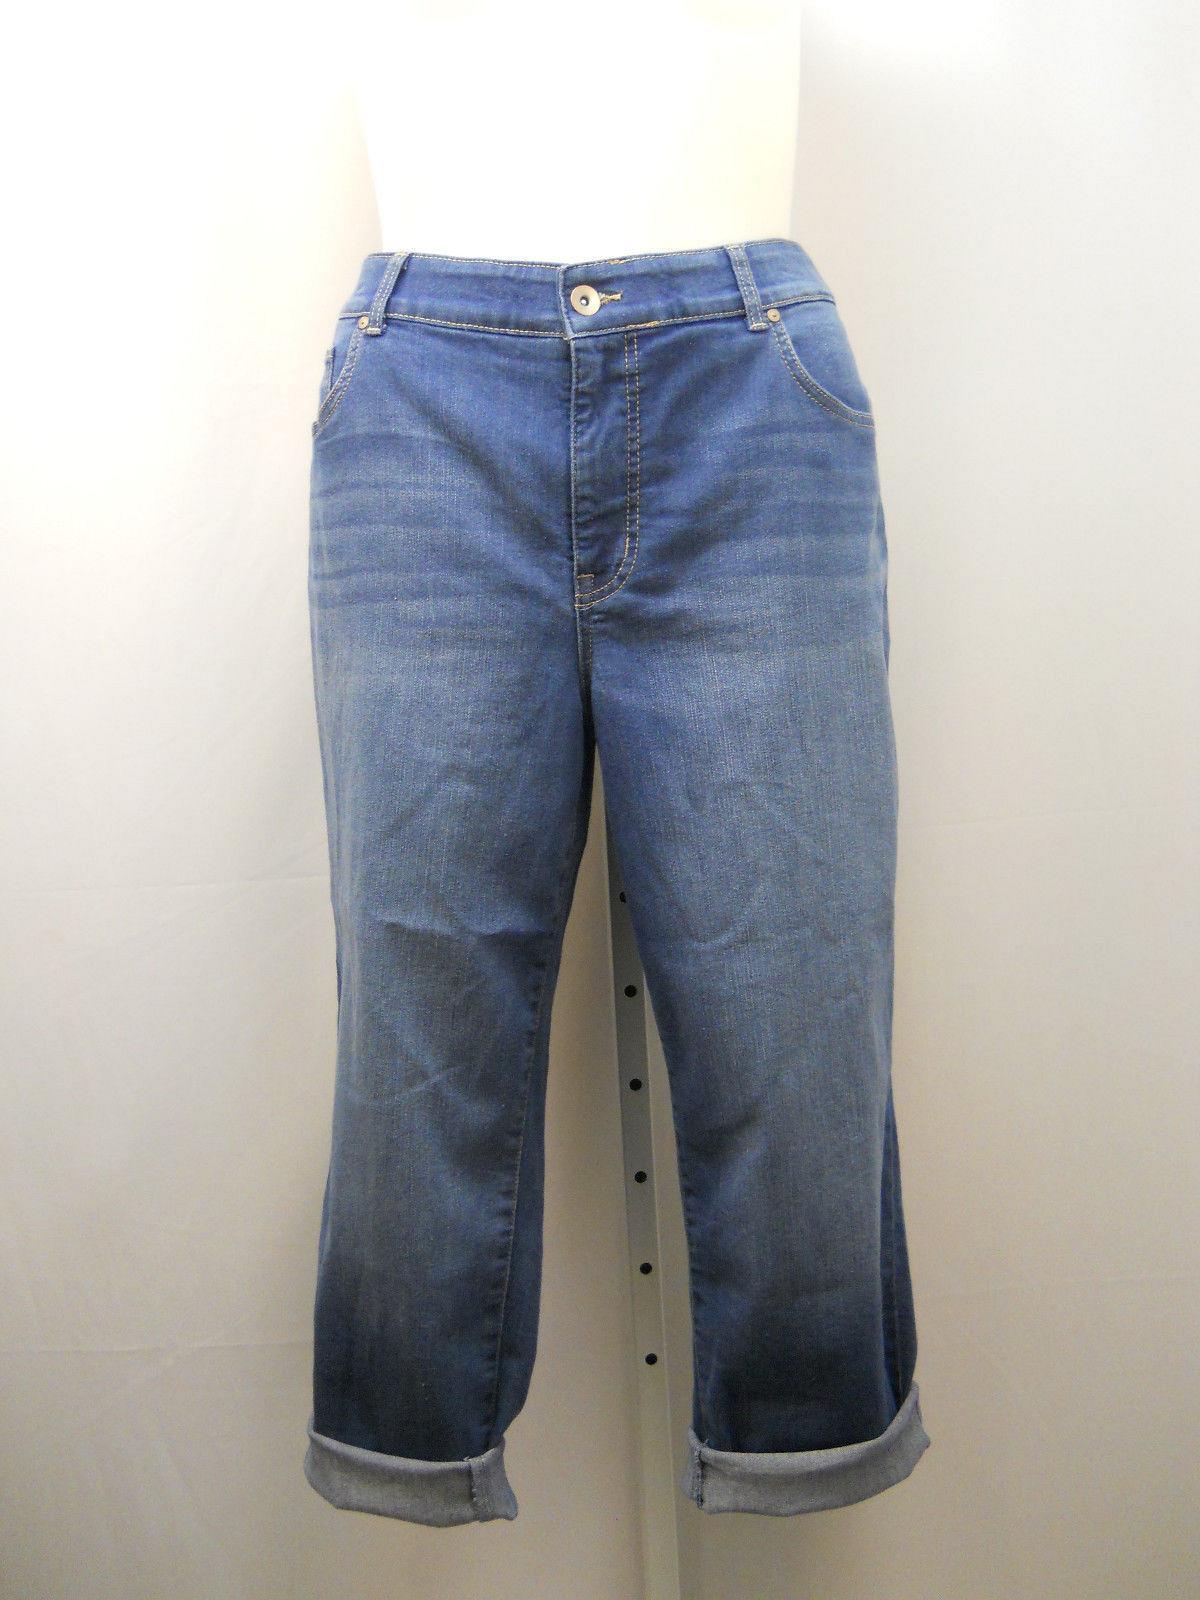 a4fe2f4cc Womens Cropped Boyfriend Jeans PLUS SIZE 20W Medium Dark Wash Inseam 27 For  Sale - Item #1837993